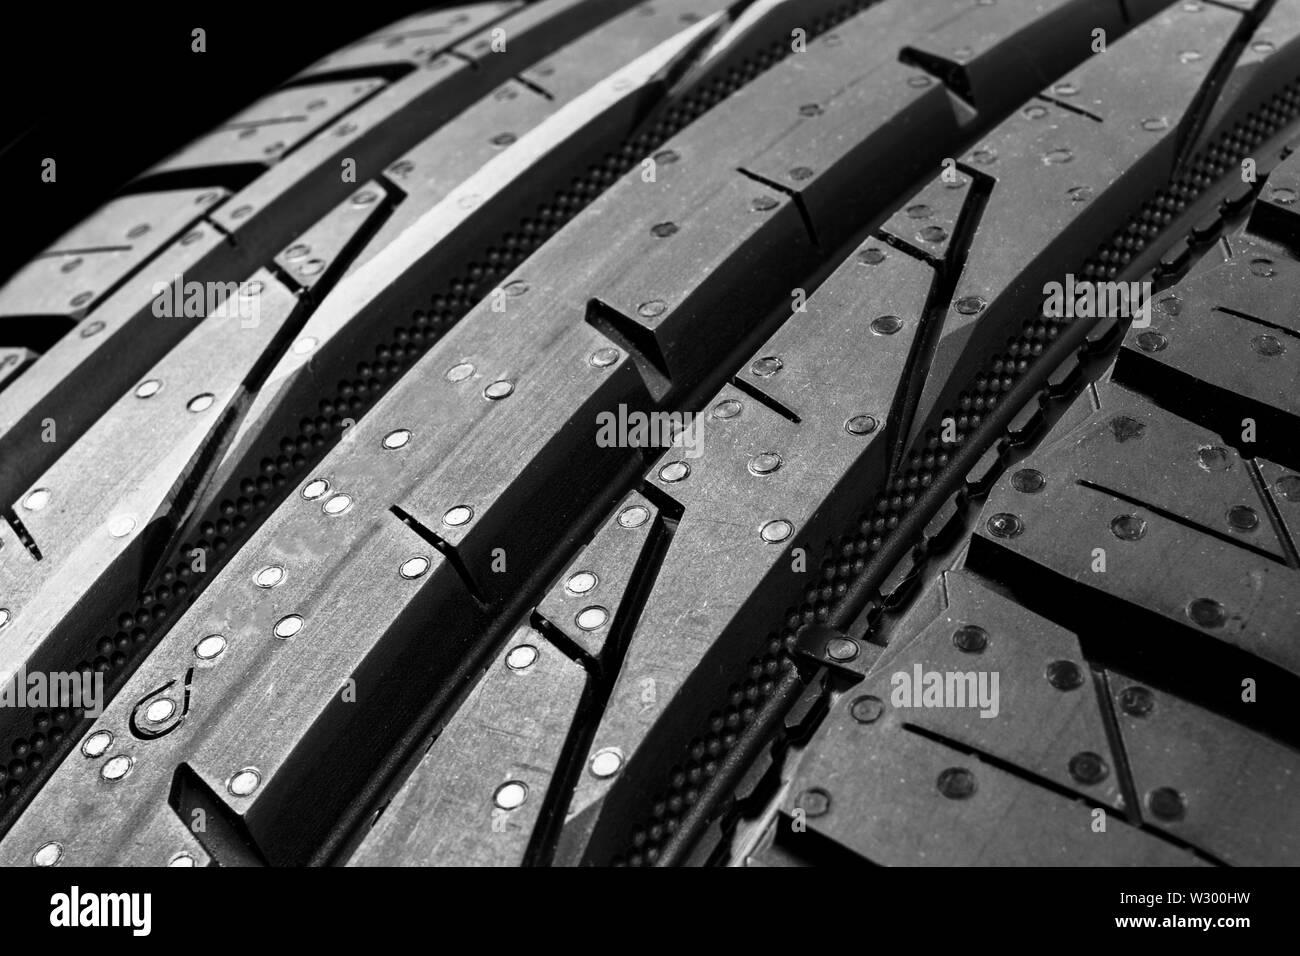 Portrait d'un ensemble de pneus d'été sur fond noir. Pile de pneus arrière-plan. Pneu de voiture protector close up. Pneu en caoutchouc noir. Tout nouveau tir voiture Banque D'Images